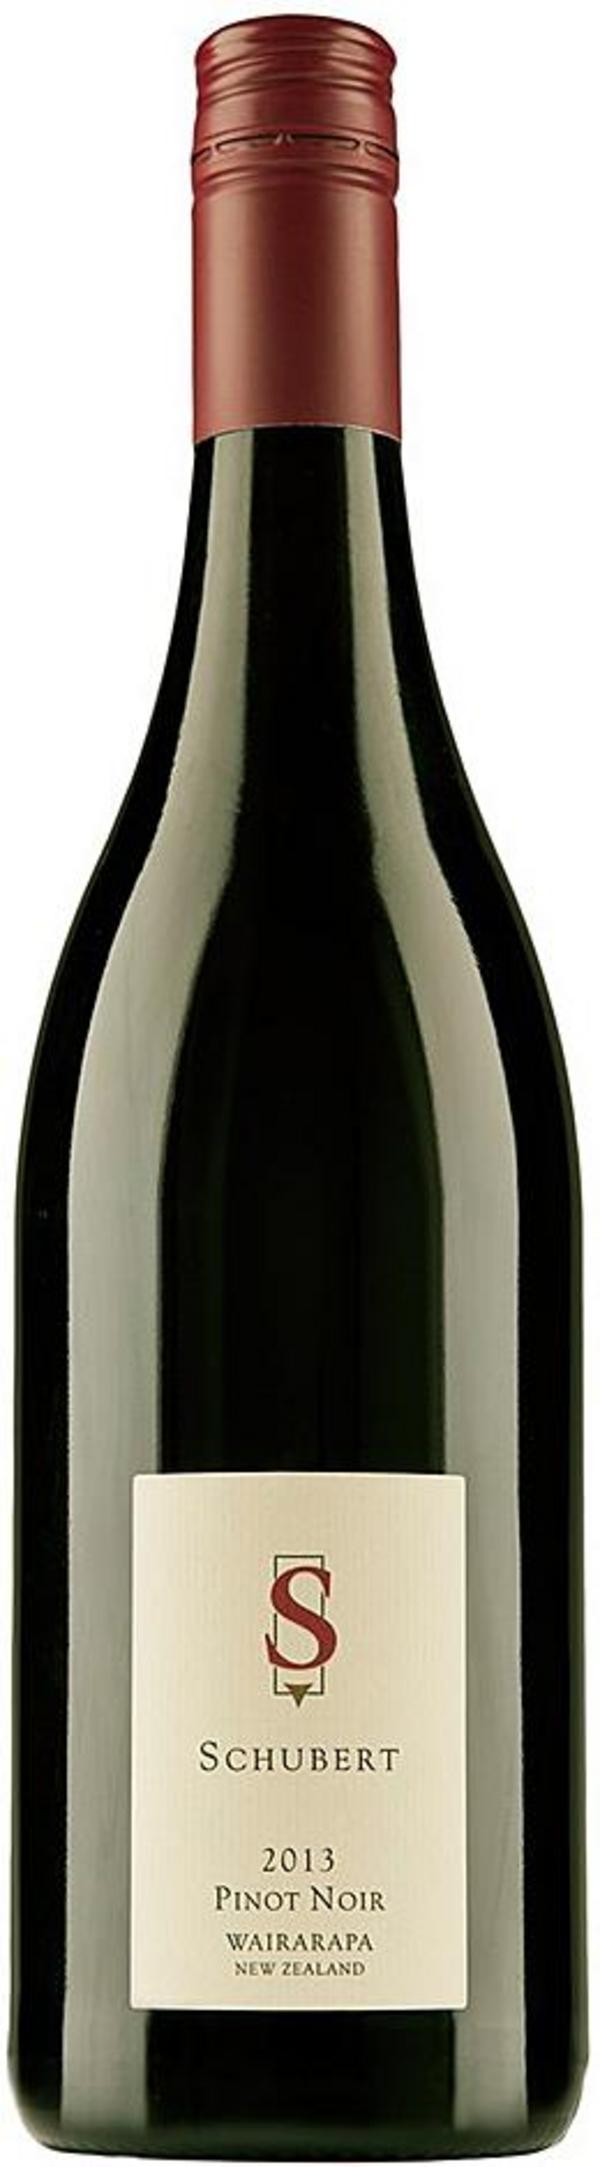 Schubert Pinot Noir.